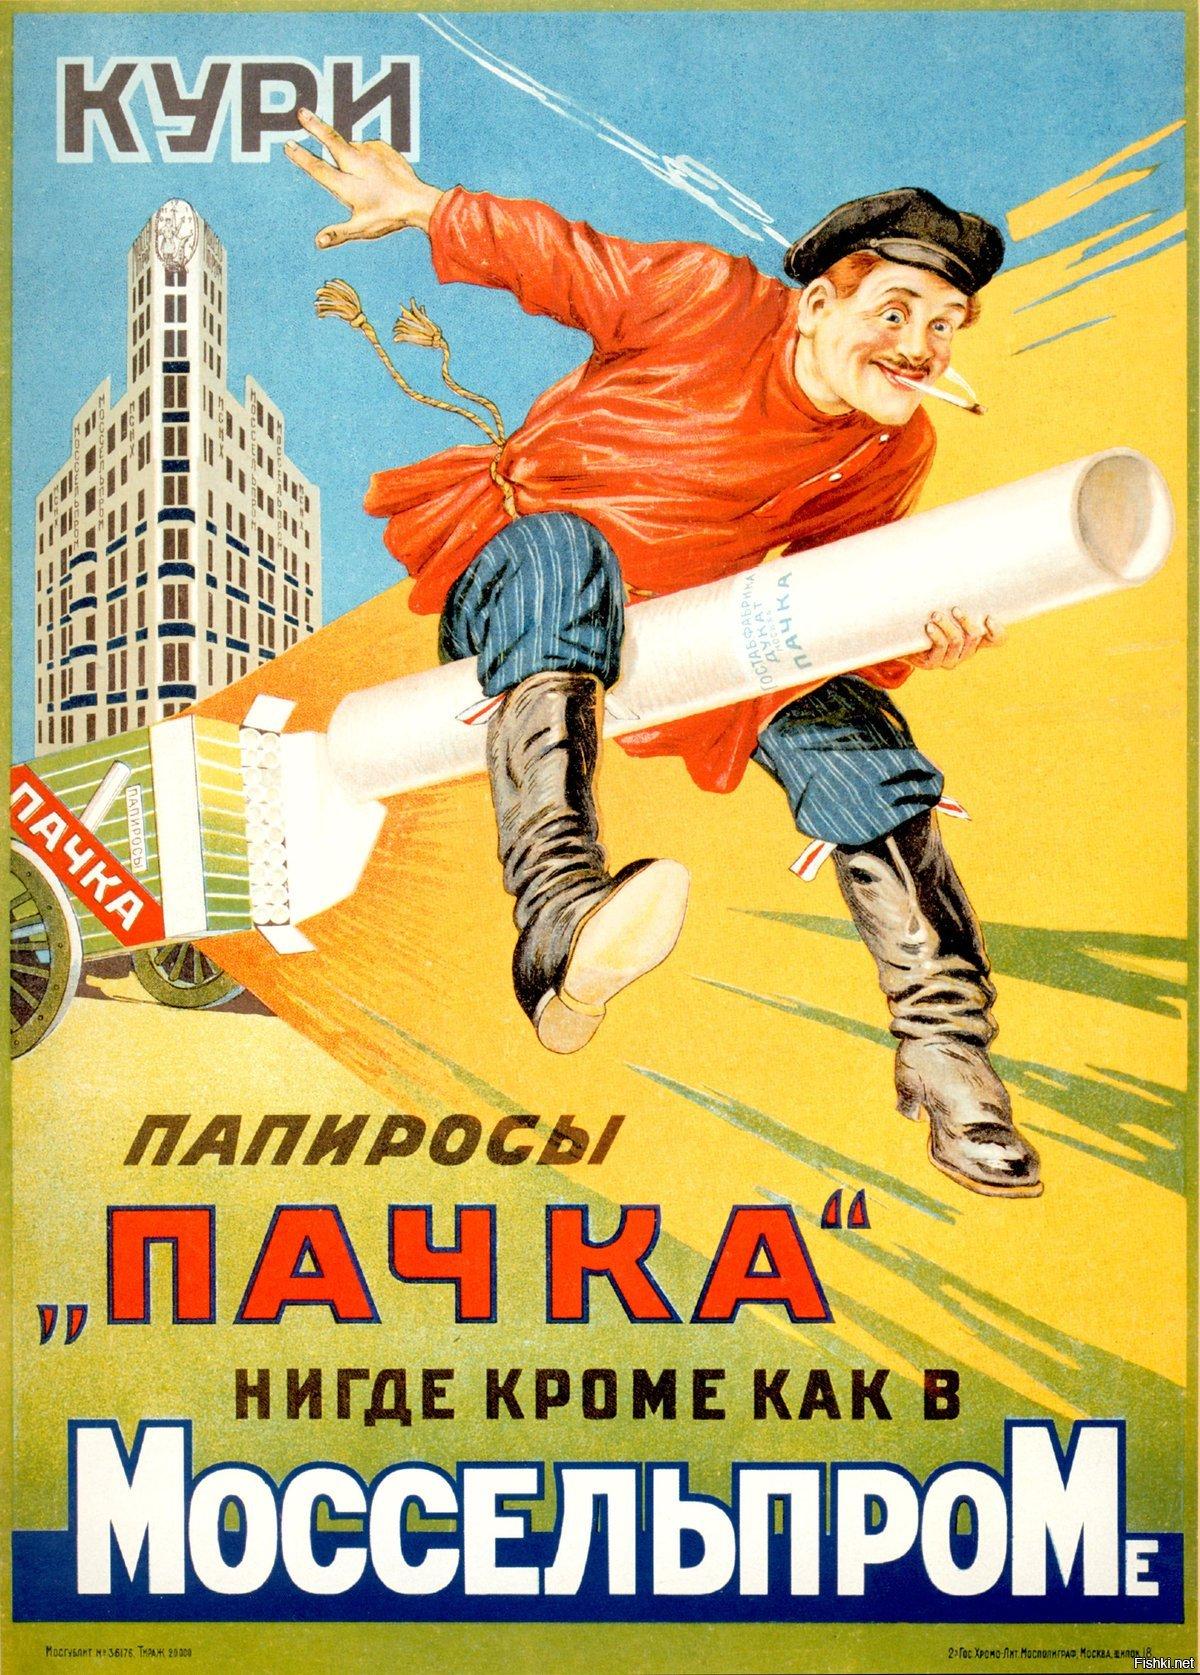 хотят советская реклама плакаты этой